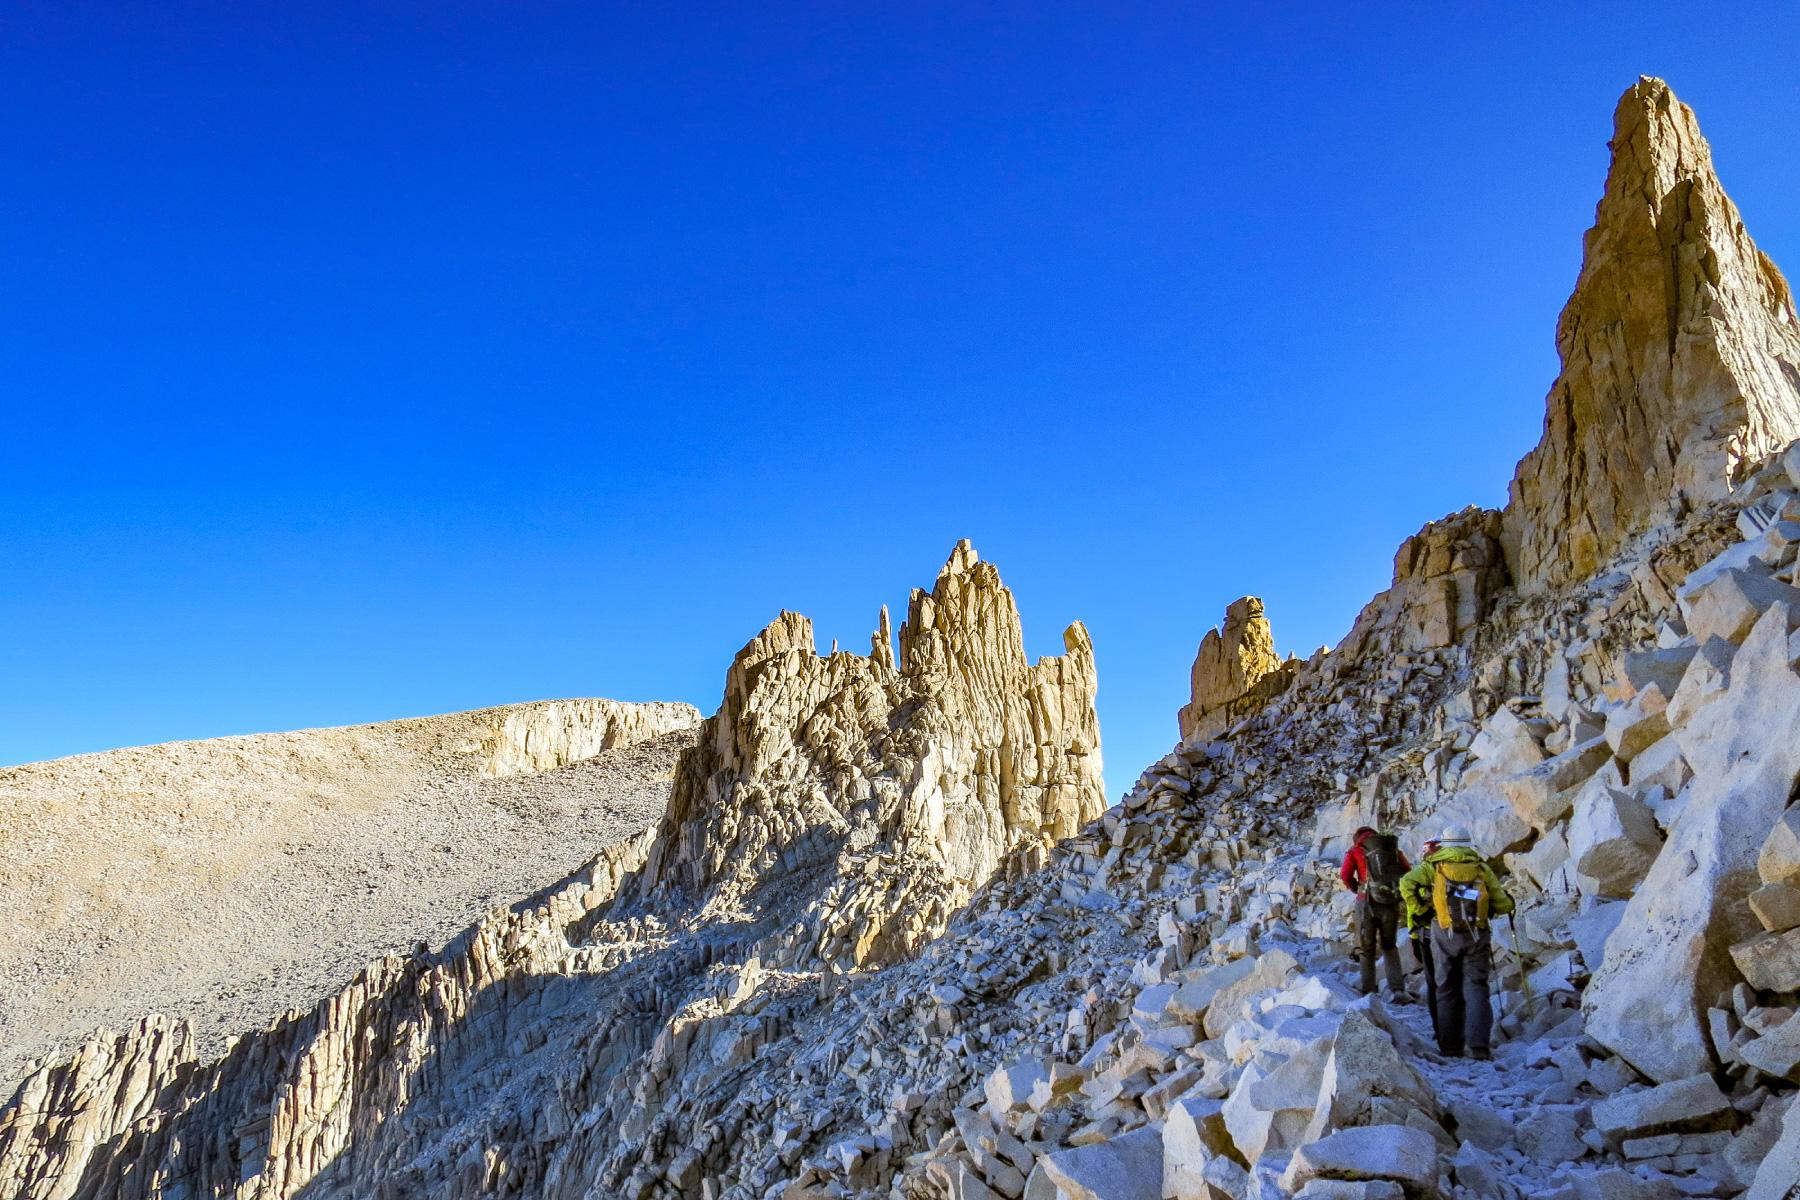 【エリア紹介】 アメリカ本土最高峰Mt.ホイットニー